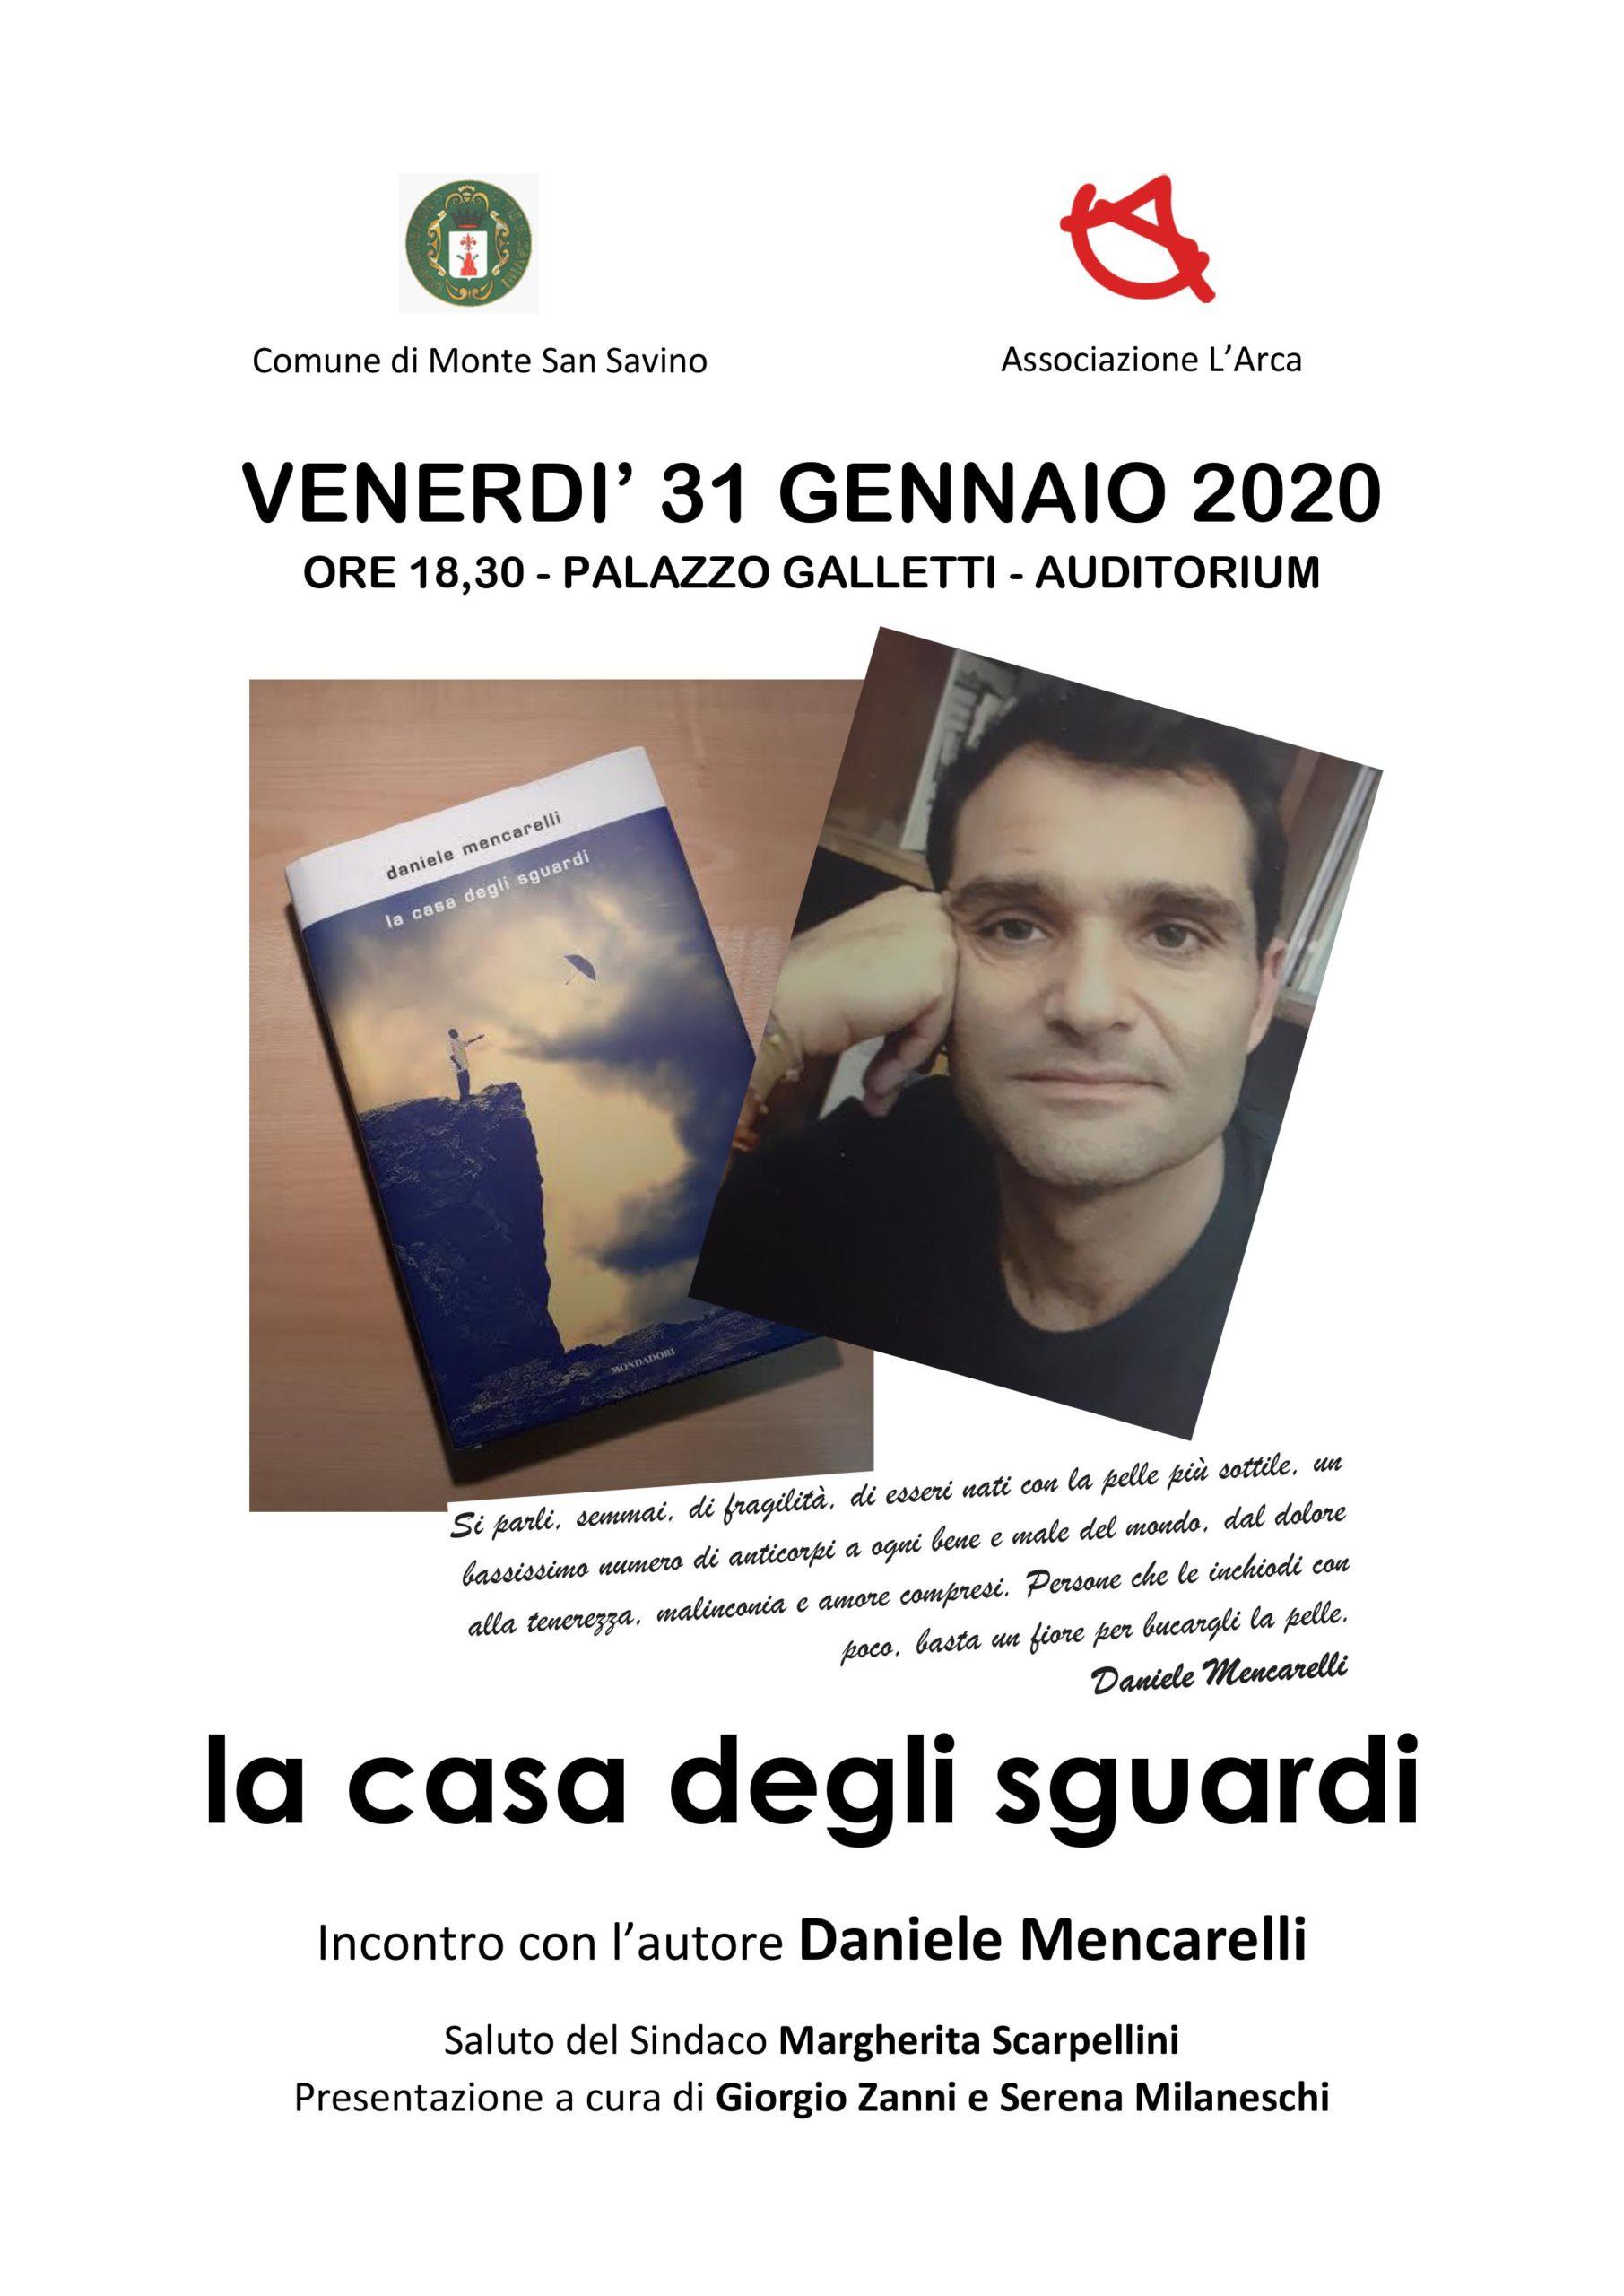 La casa degli sguardi, a Monte San Savino presentazione del libro di Daniele Mencarelli